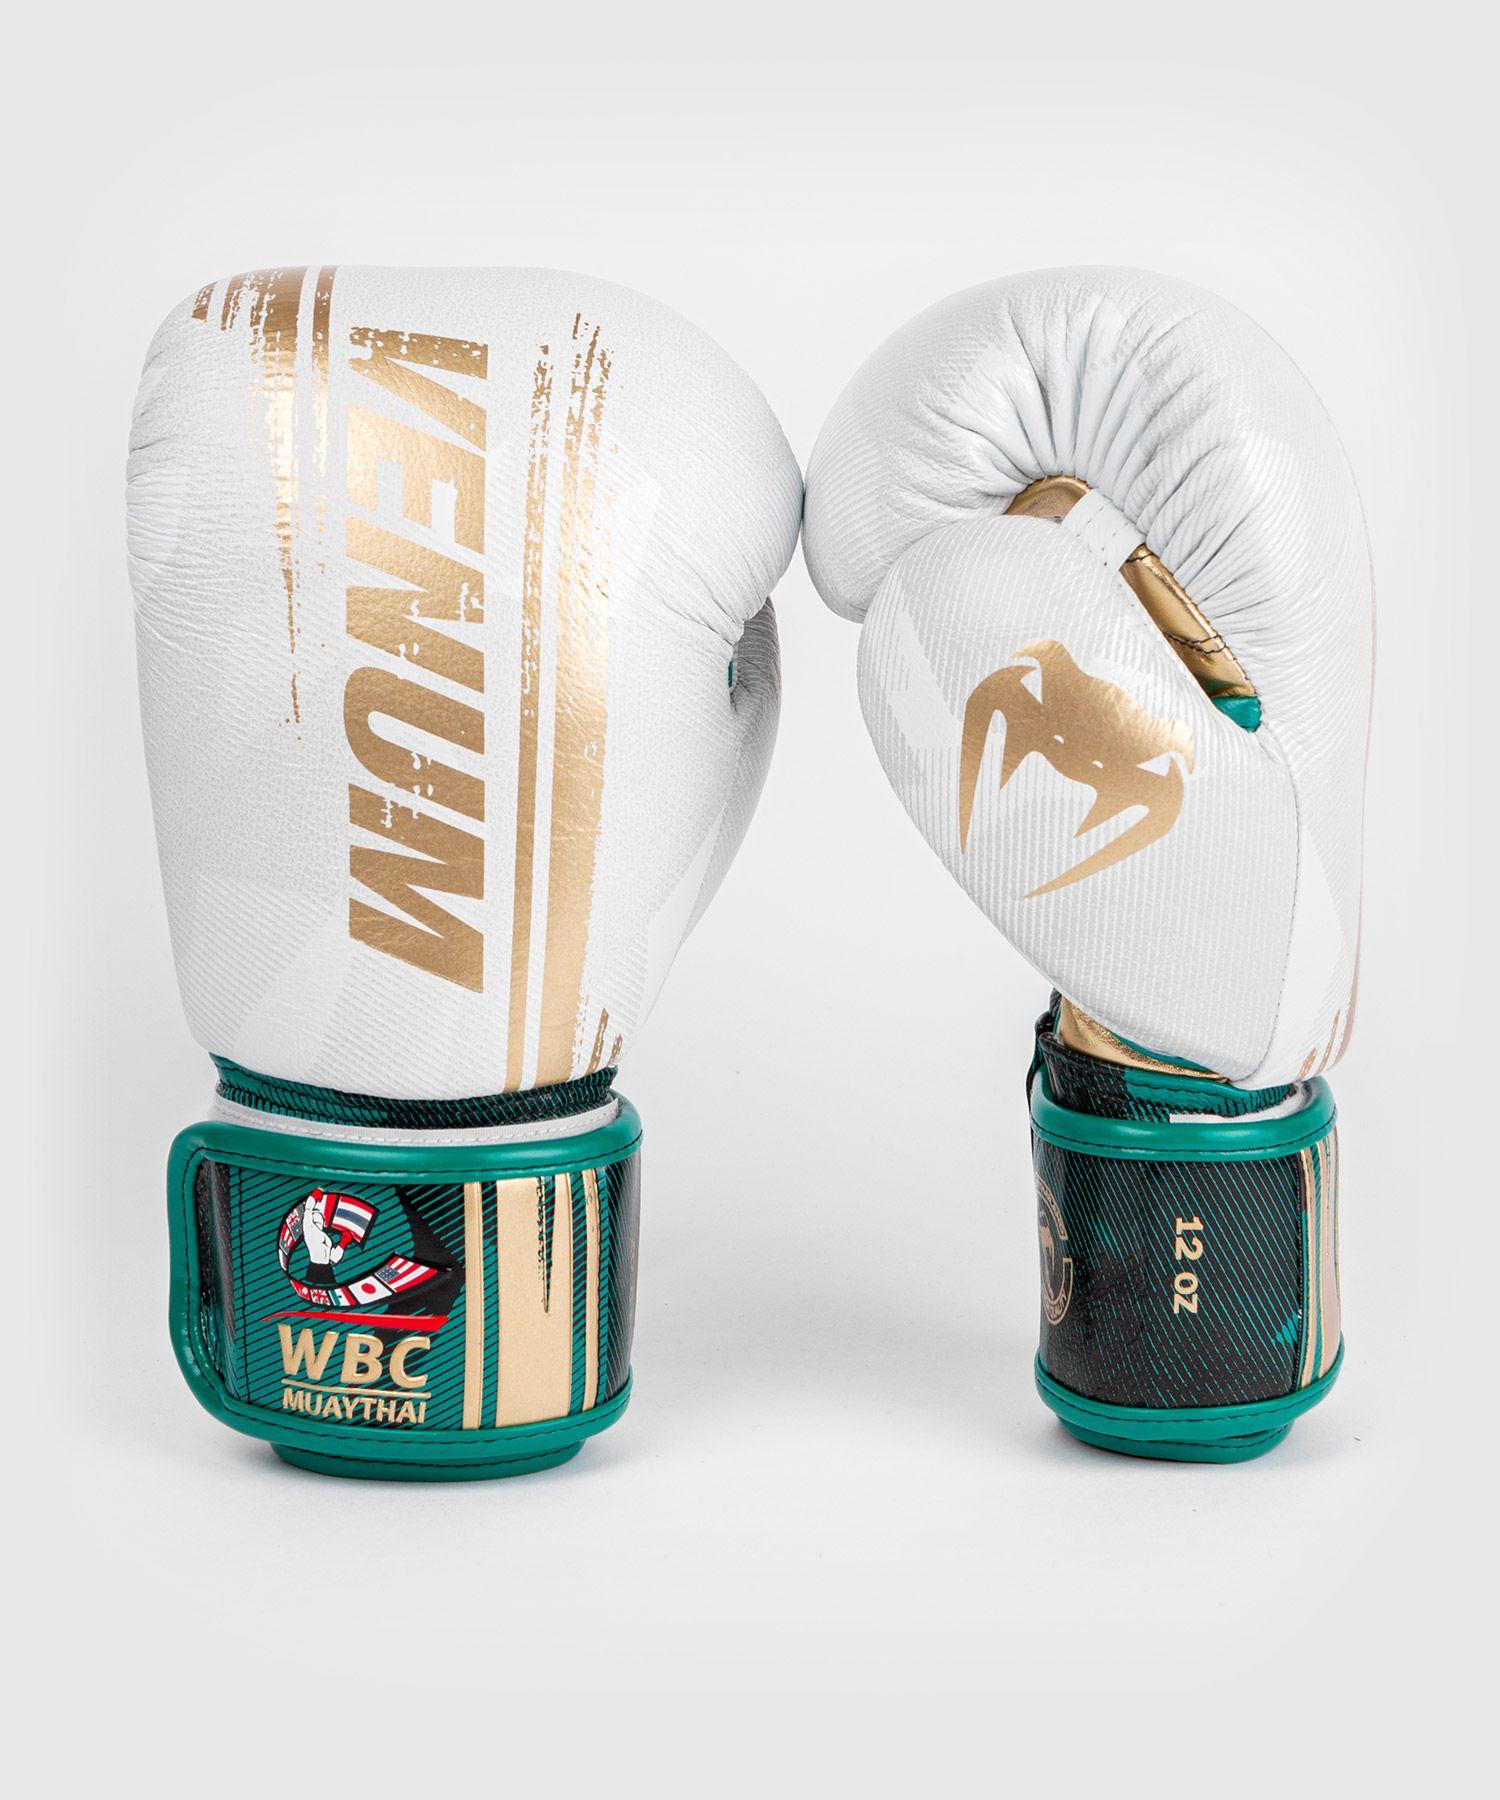 Venum WBC Muay Thai Boxing Gloves - White/Green